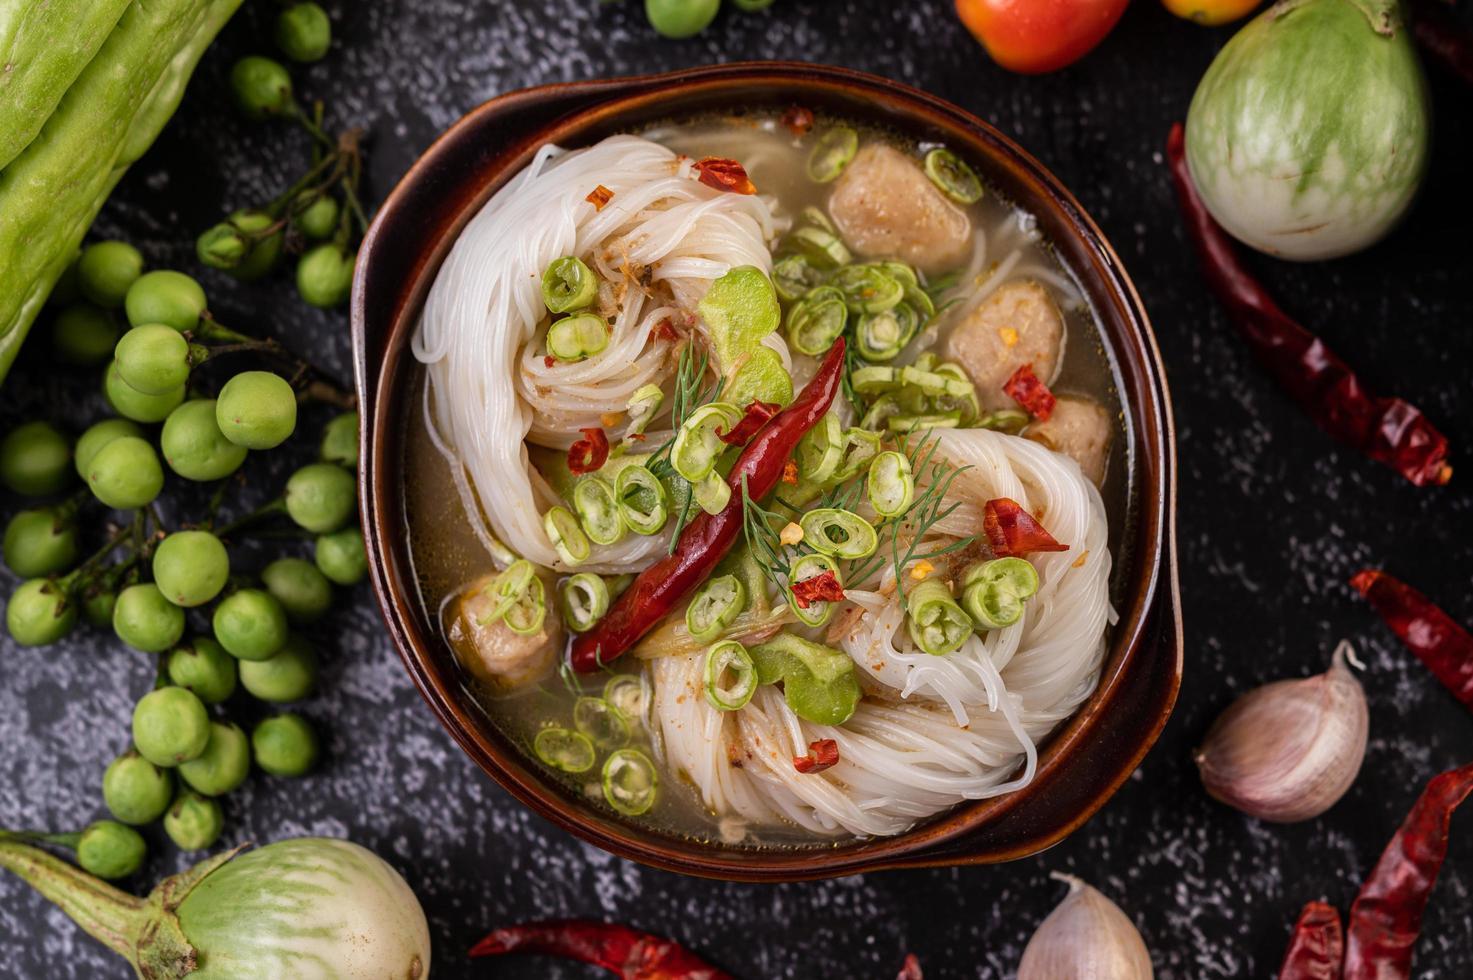 risnudelrätt med chili, melon och linser foto